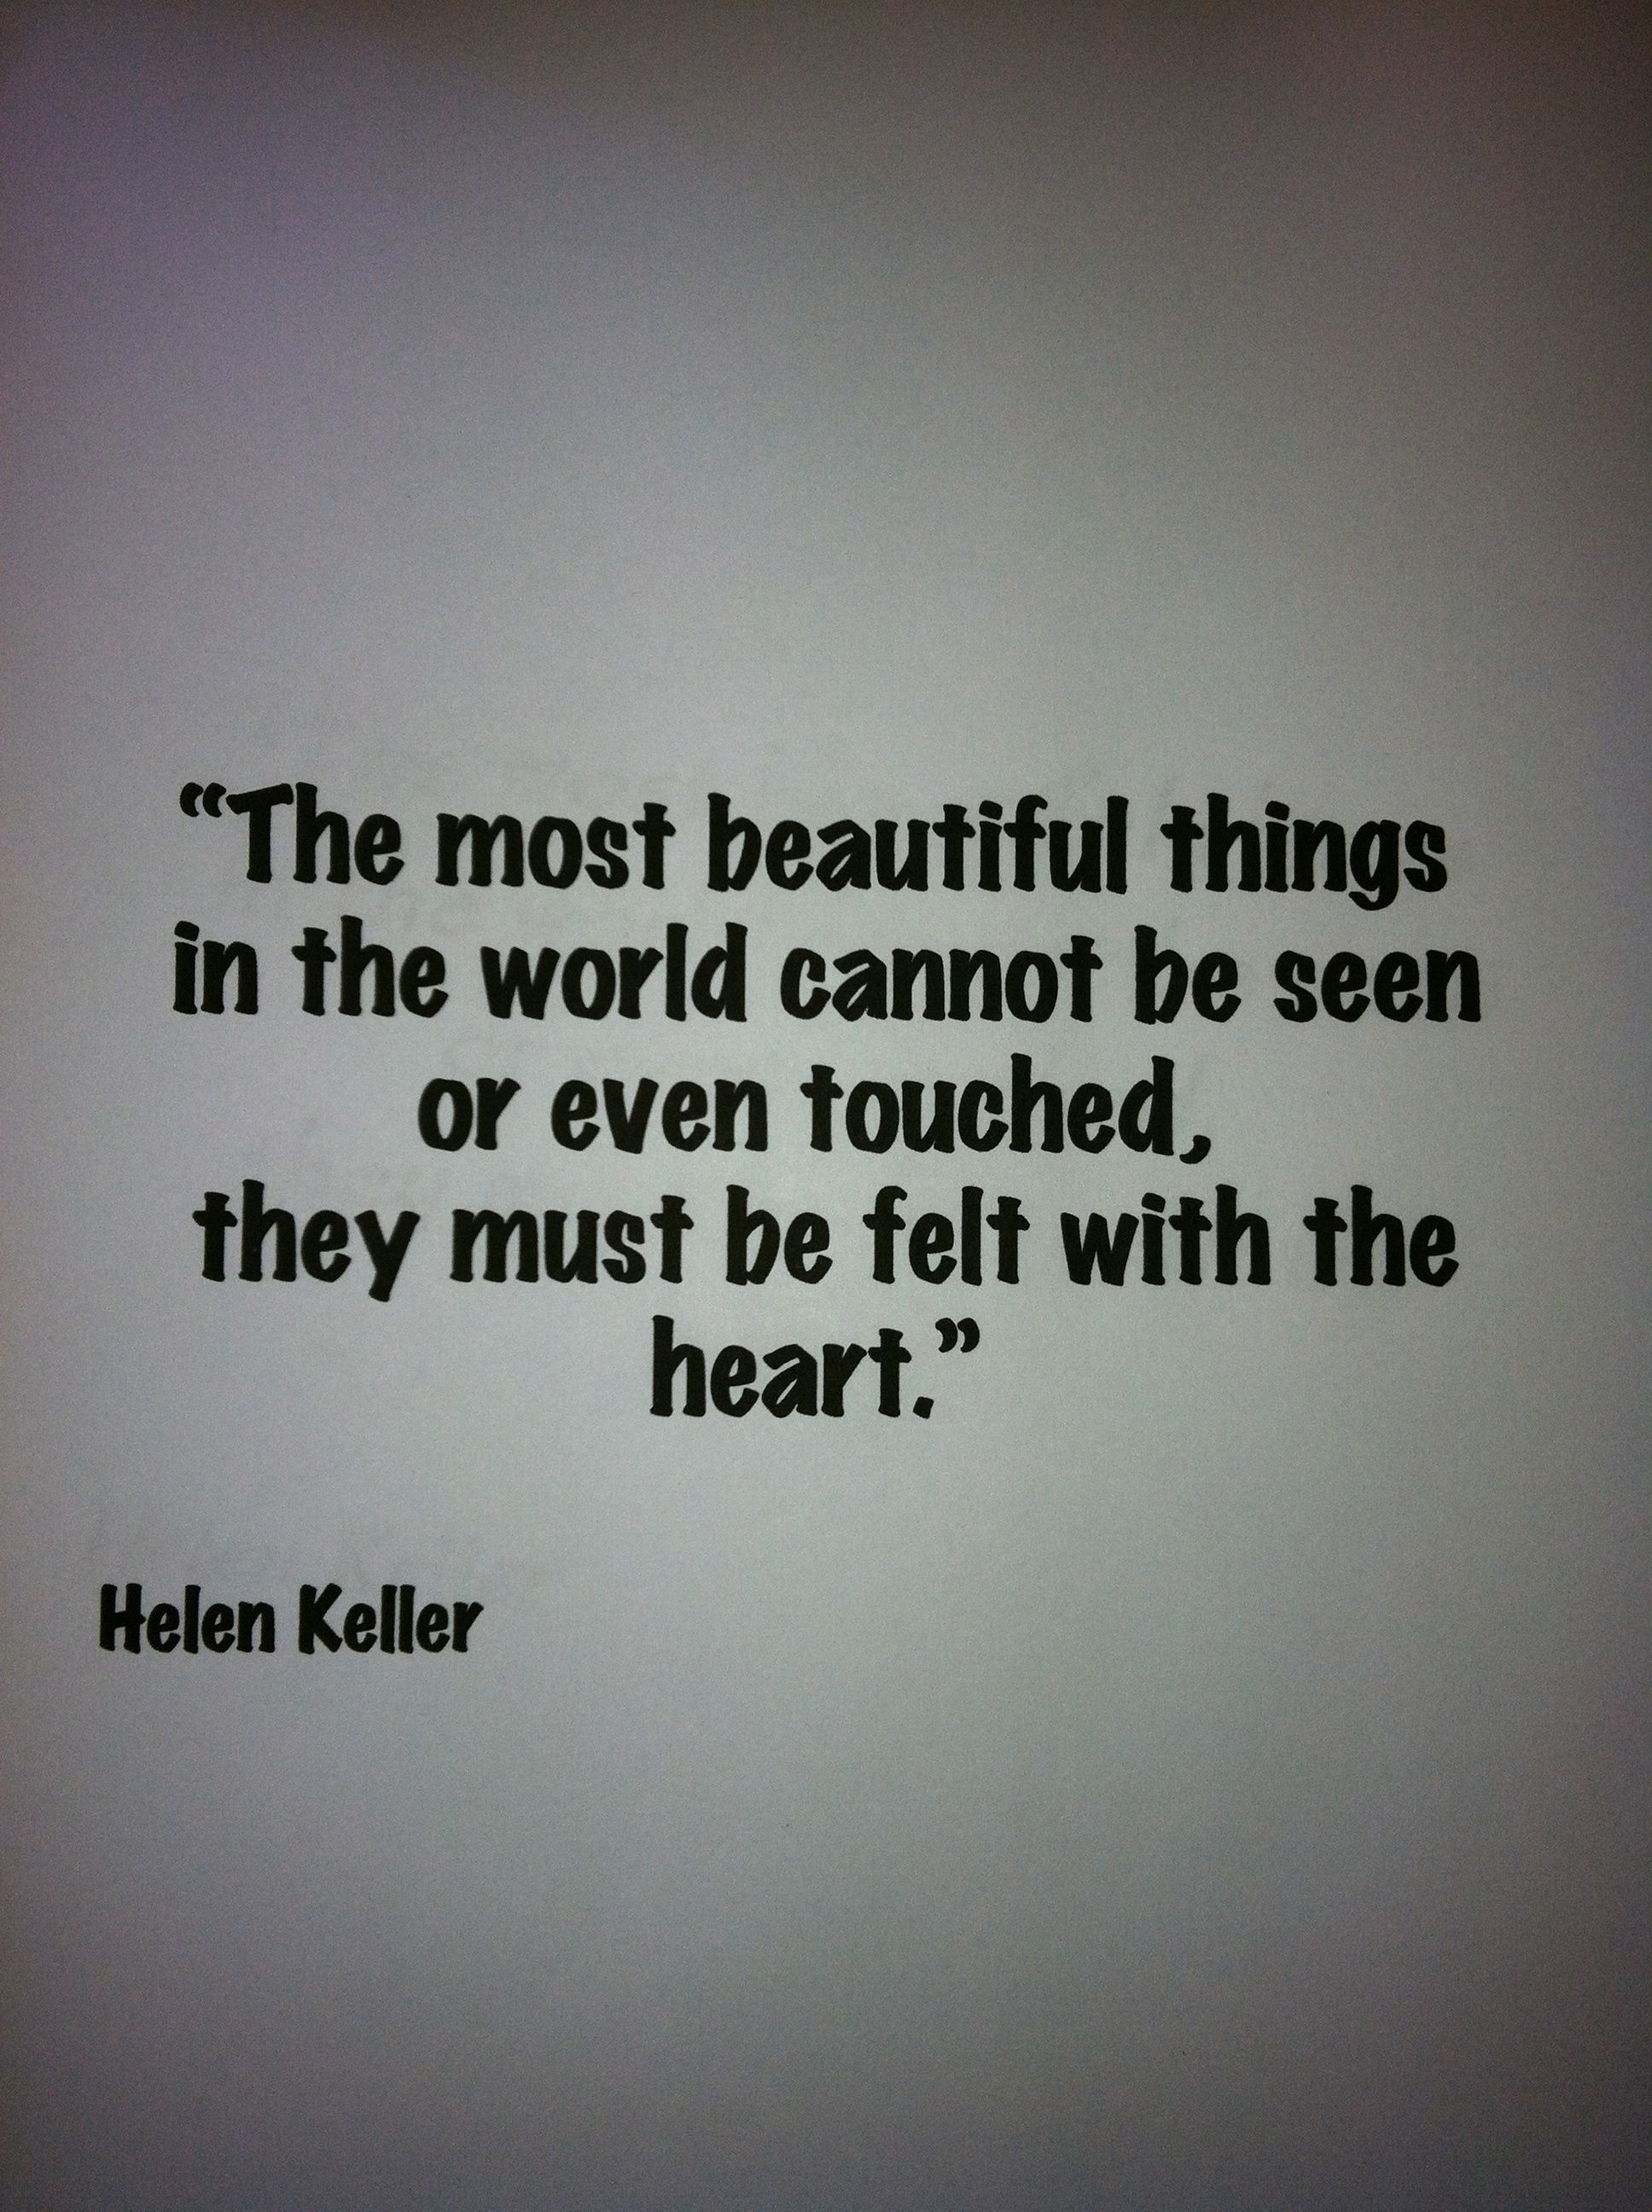 pinterest romantic quotes quotesgram